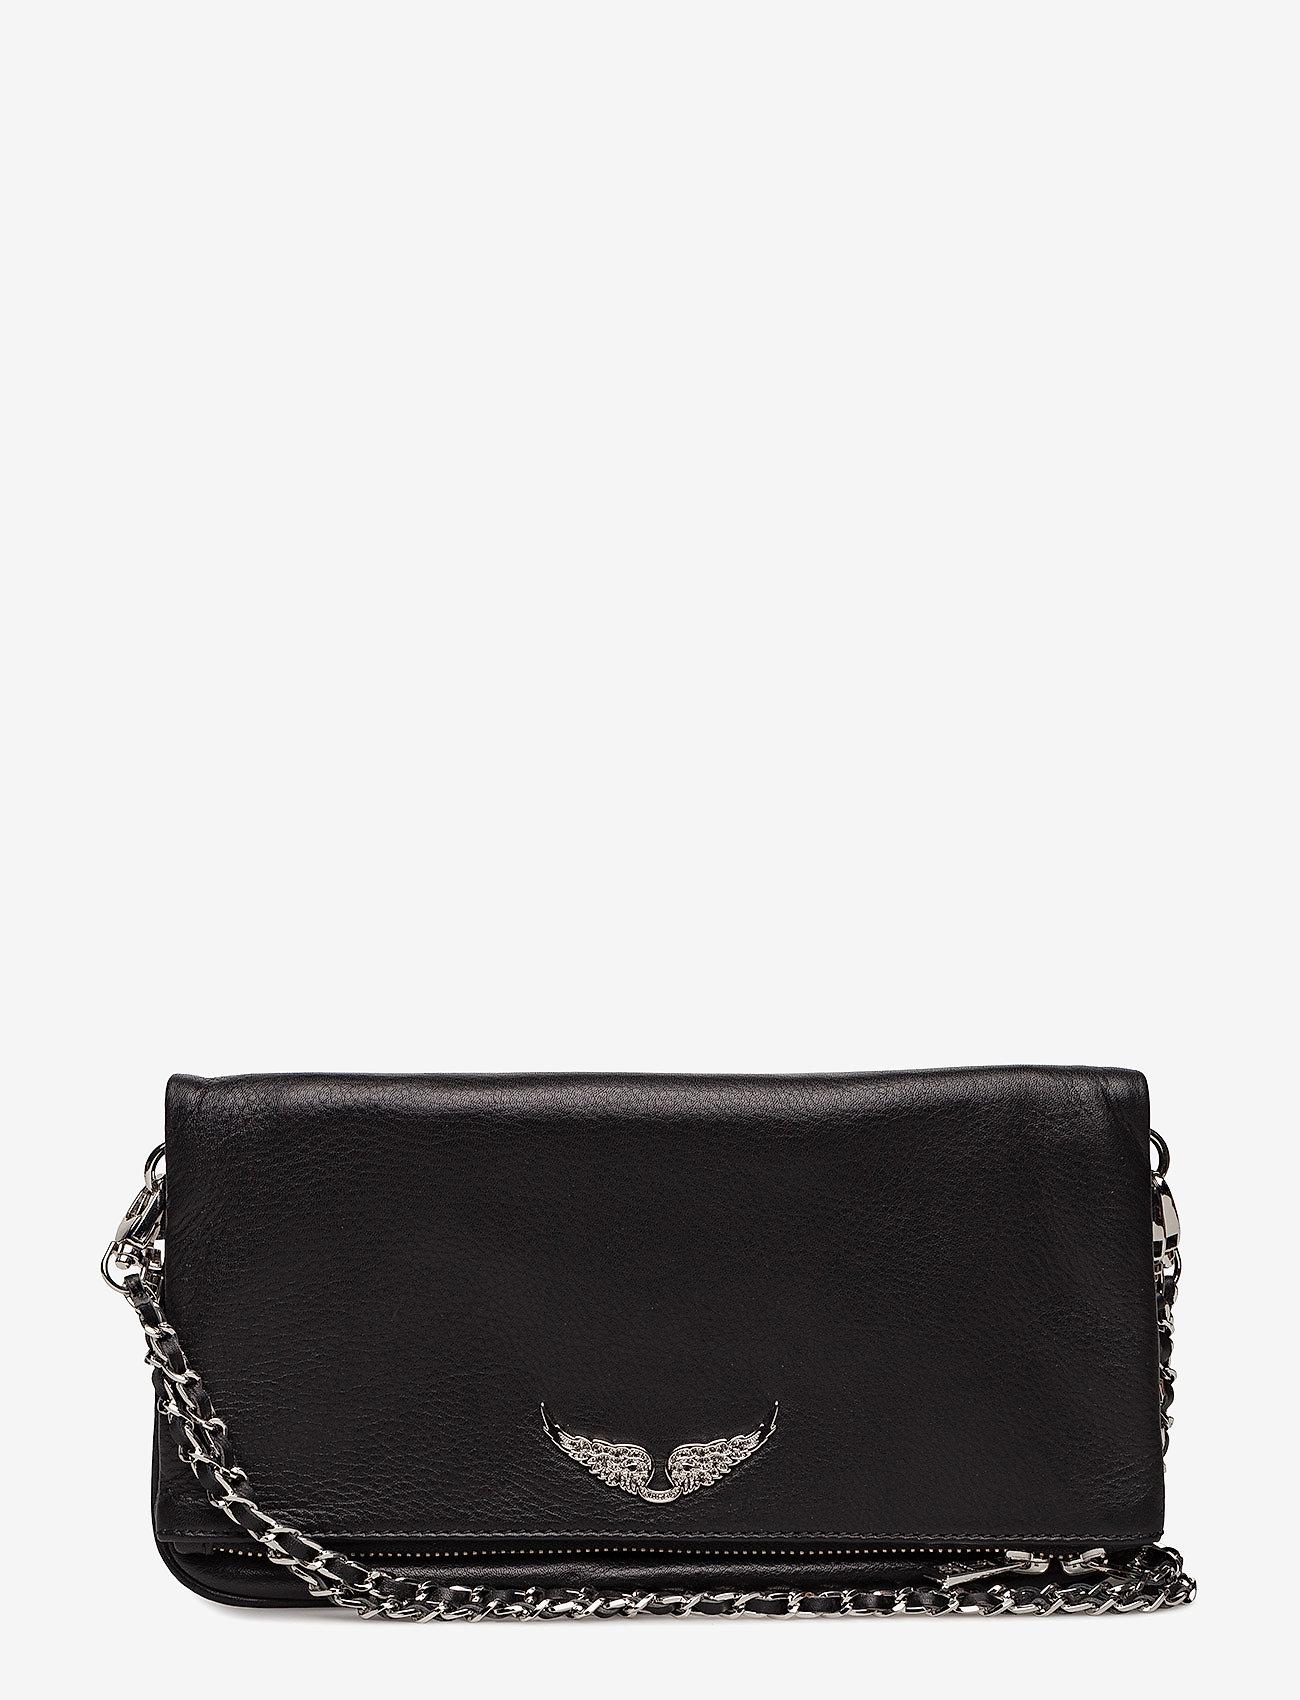 Zadig & Voltaire - ROCK - crossbody bags - black - 0